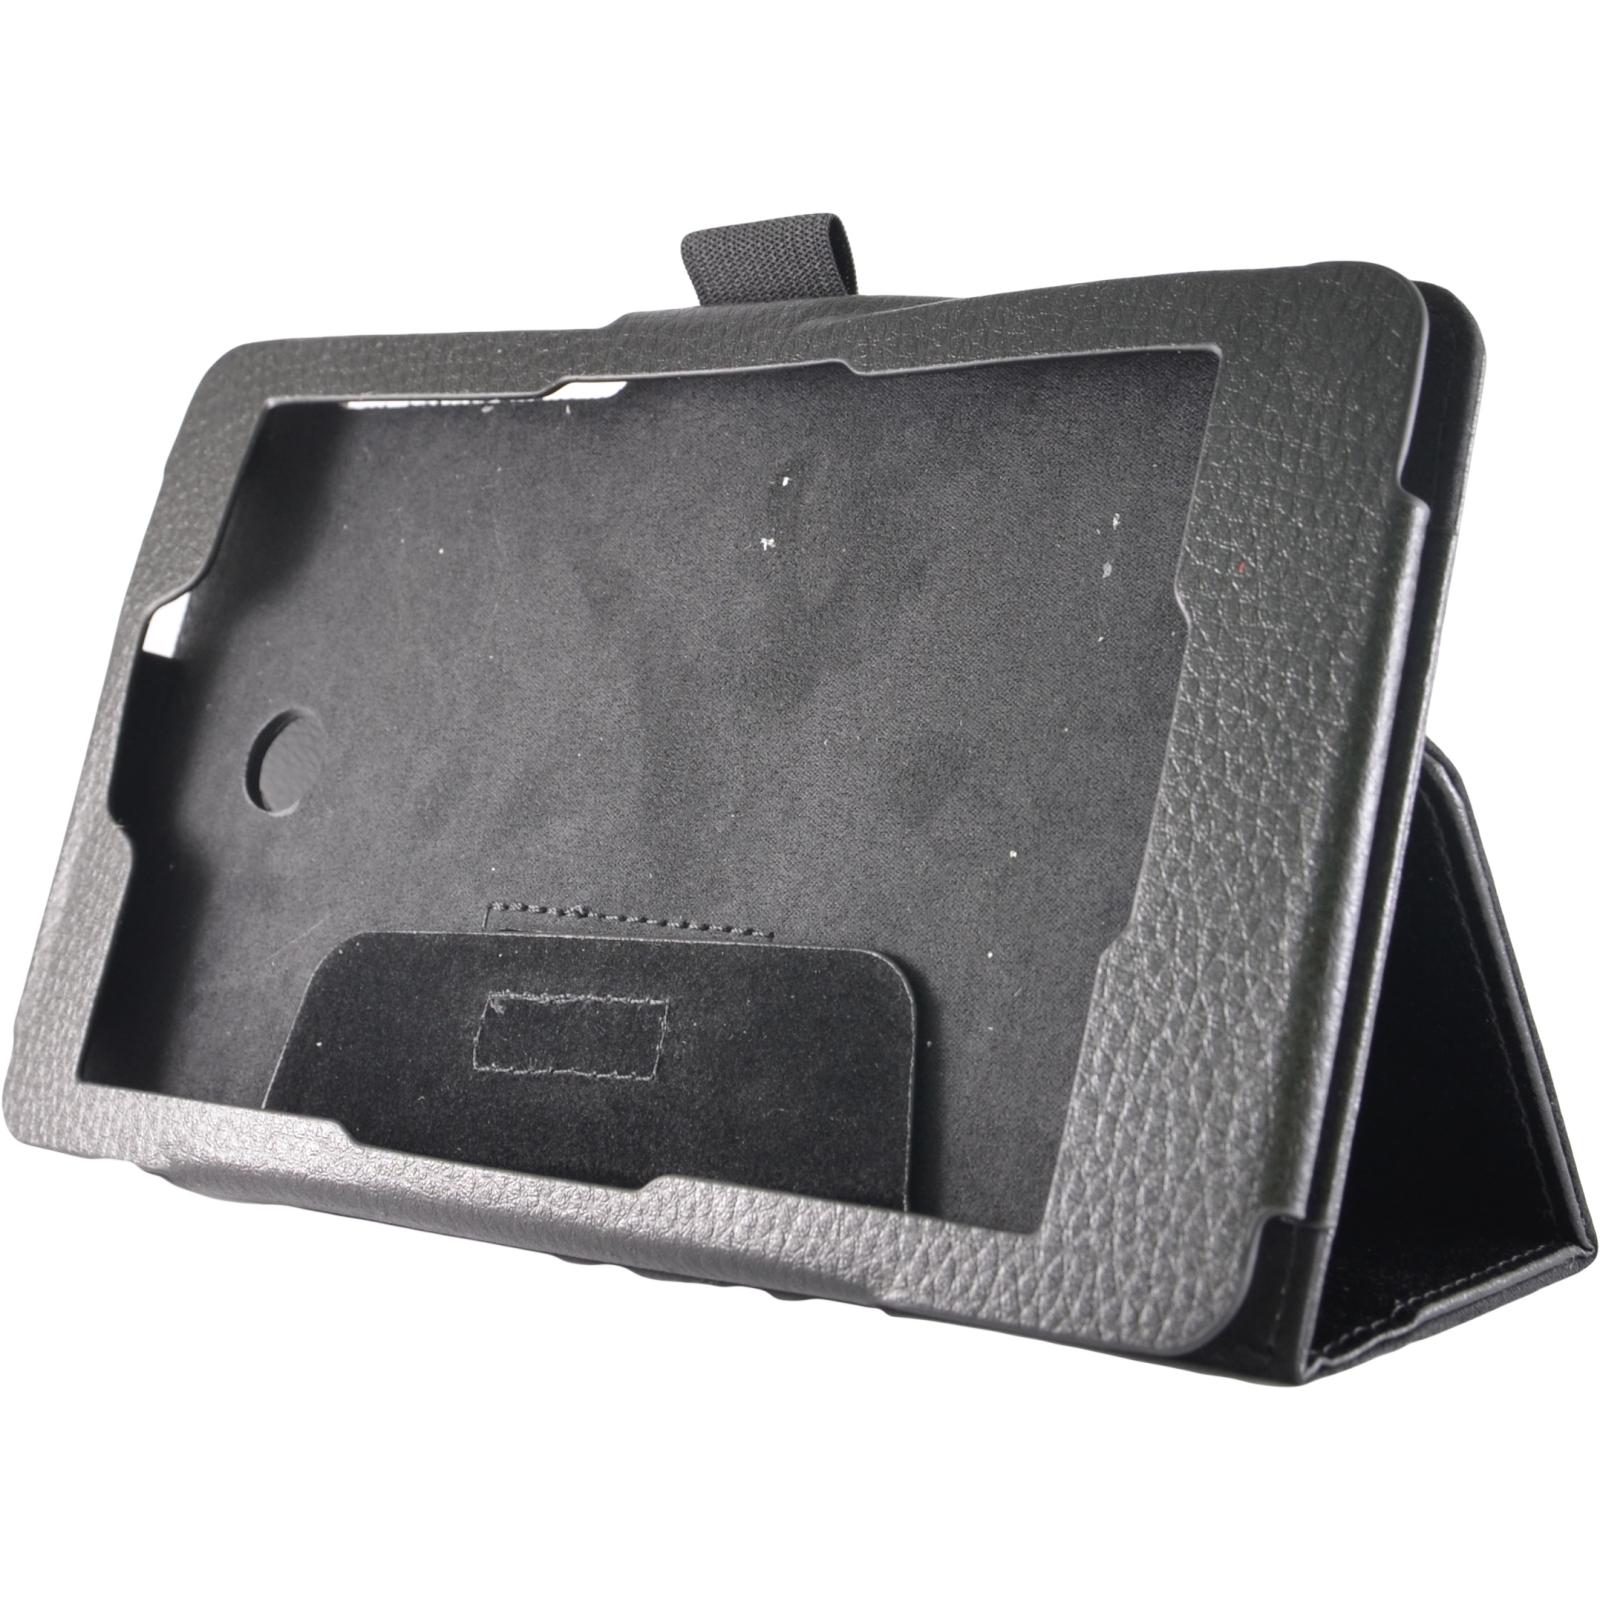 Чехол для планшета Pro-case Asus Memo Pad ME175 (ME175) изображение 3